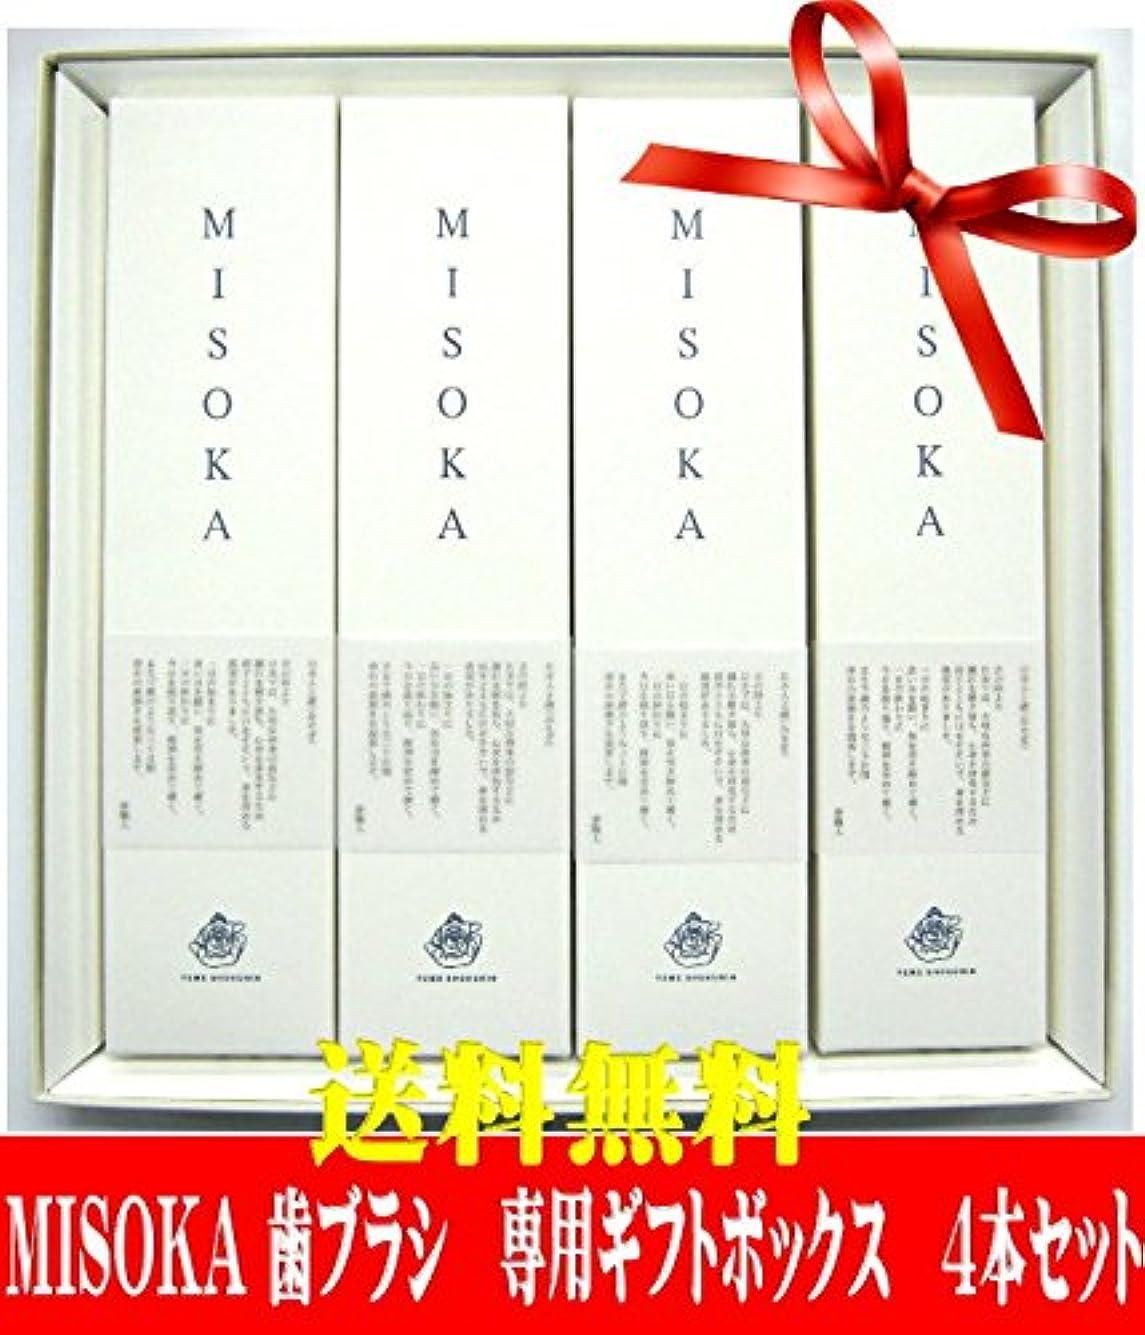 シェフドロードーム夢職人MISOKA(みそか)歯ブラシ4本ギフトセット